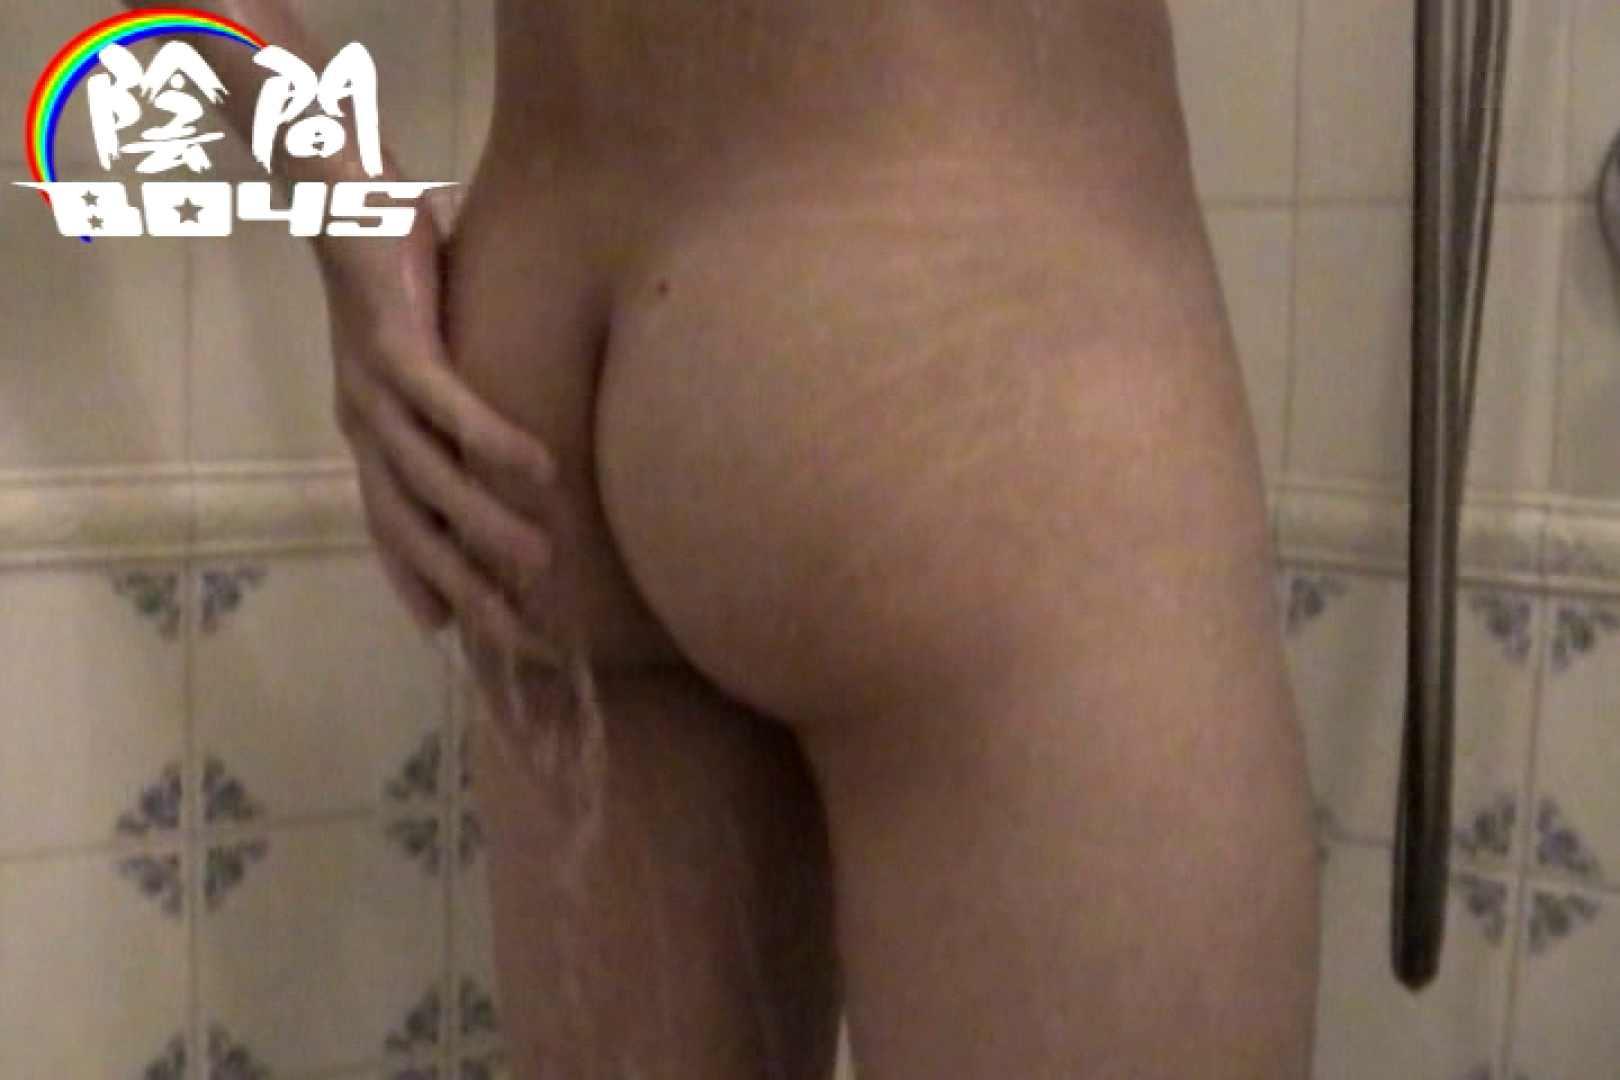 陰間BOYS~Mixed Hot-Guy~01 イケメン ケツマンスケベ画像 70枚 38